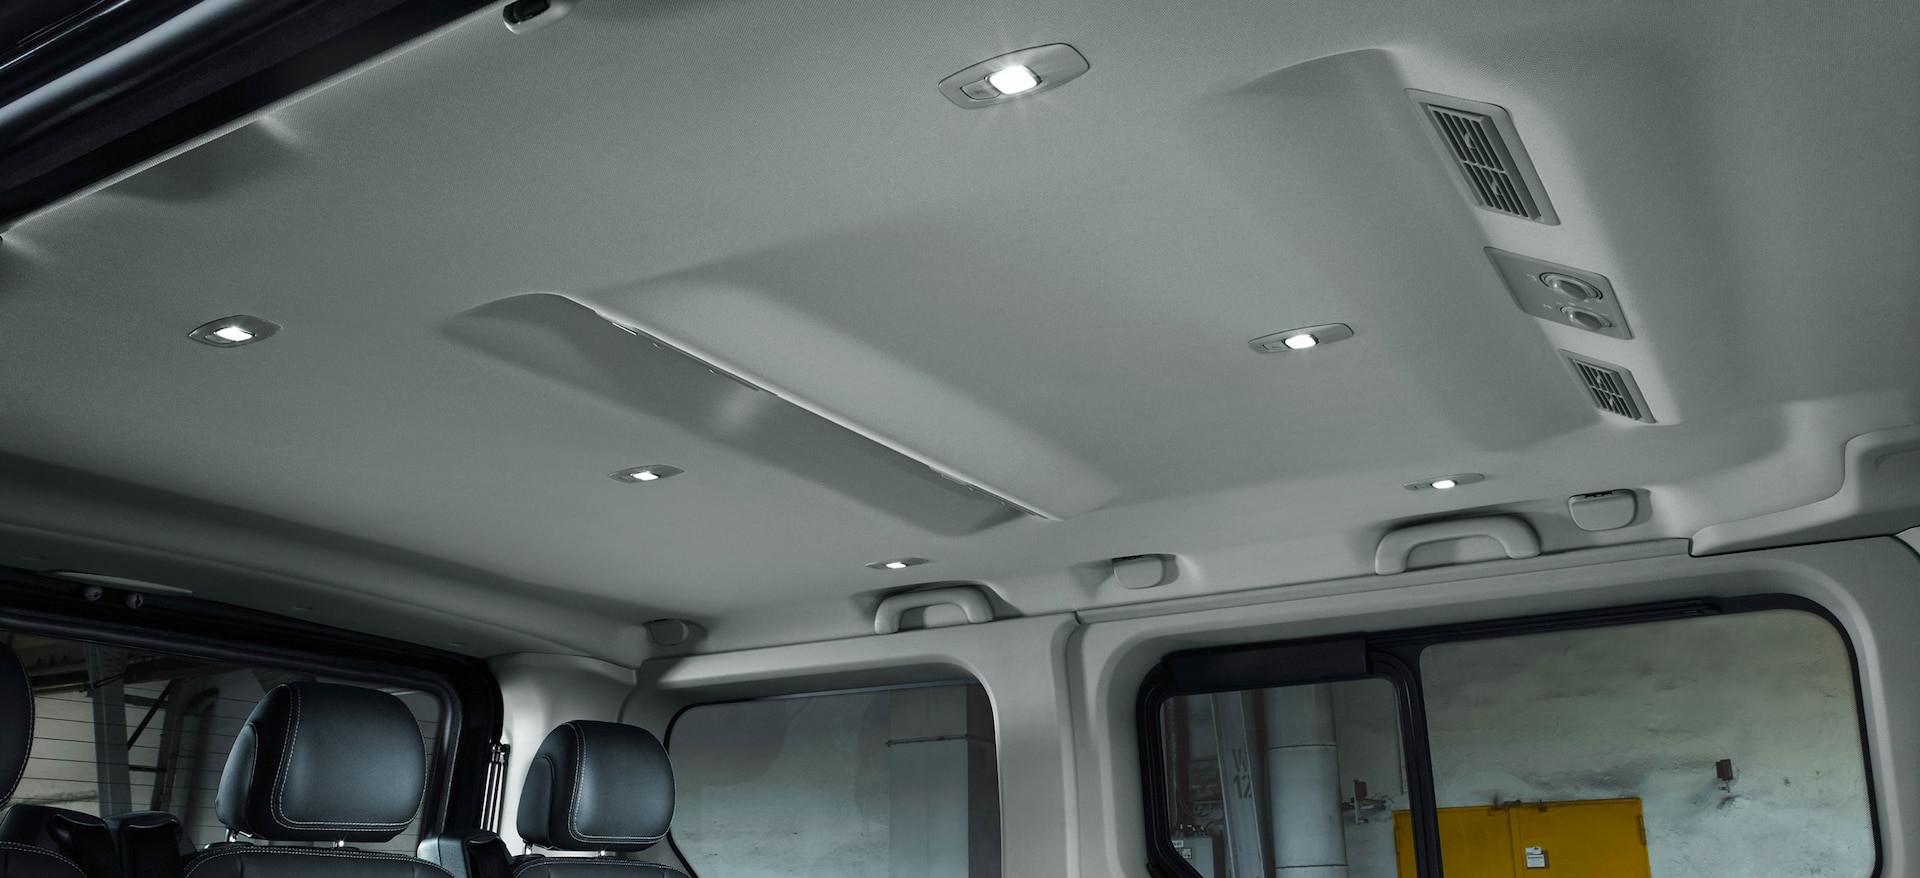 Opel_Vivaro_Tourer_LED_Roof_Lights_21x9_